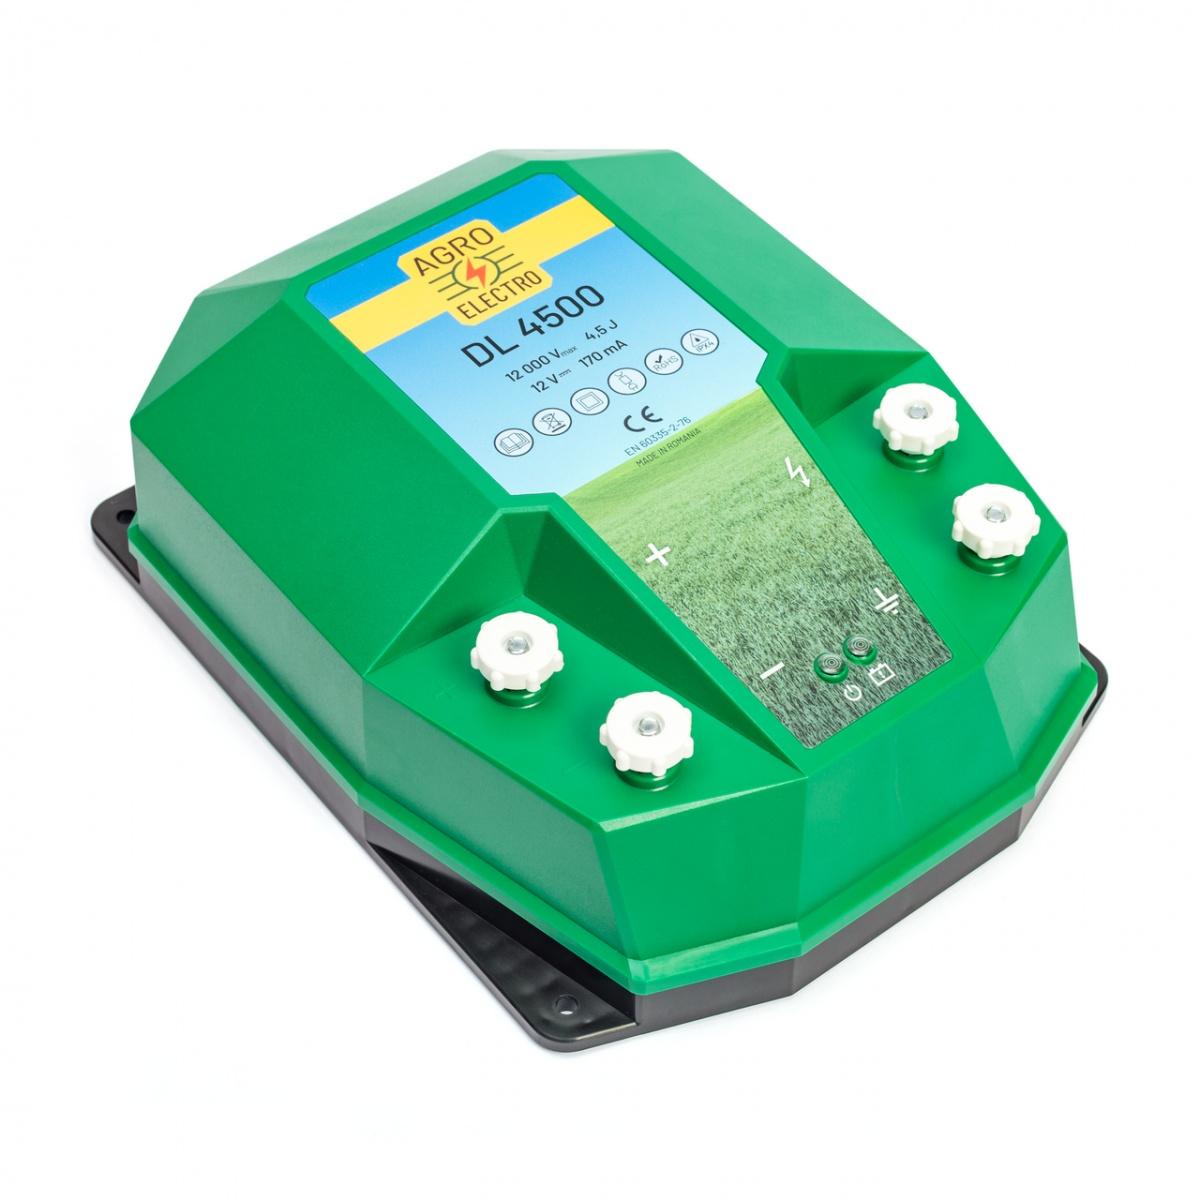 DL4500 villanypásztor készülék, 12V, 4,5Joule, hálózati adapterrel